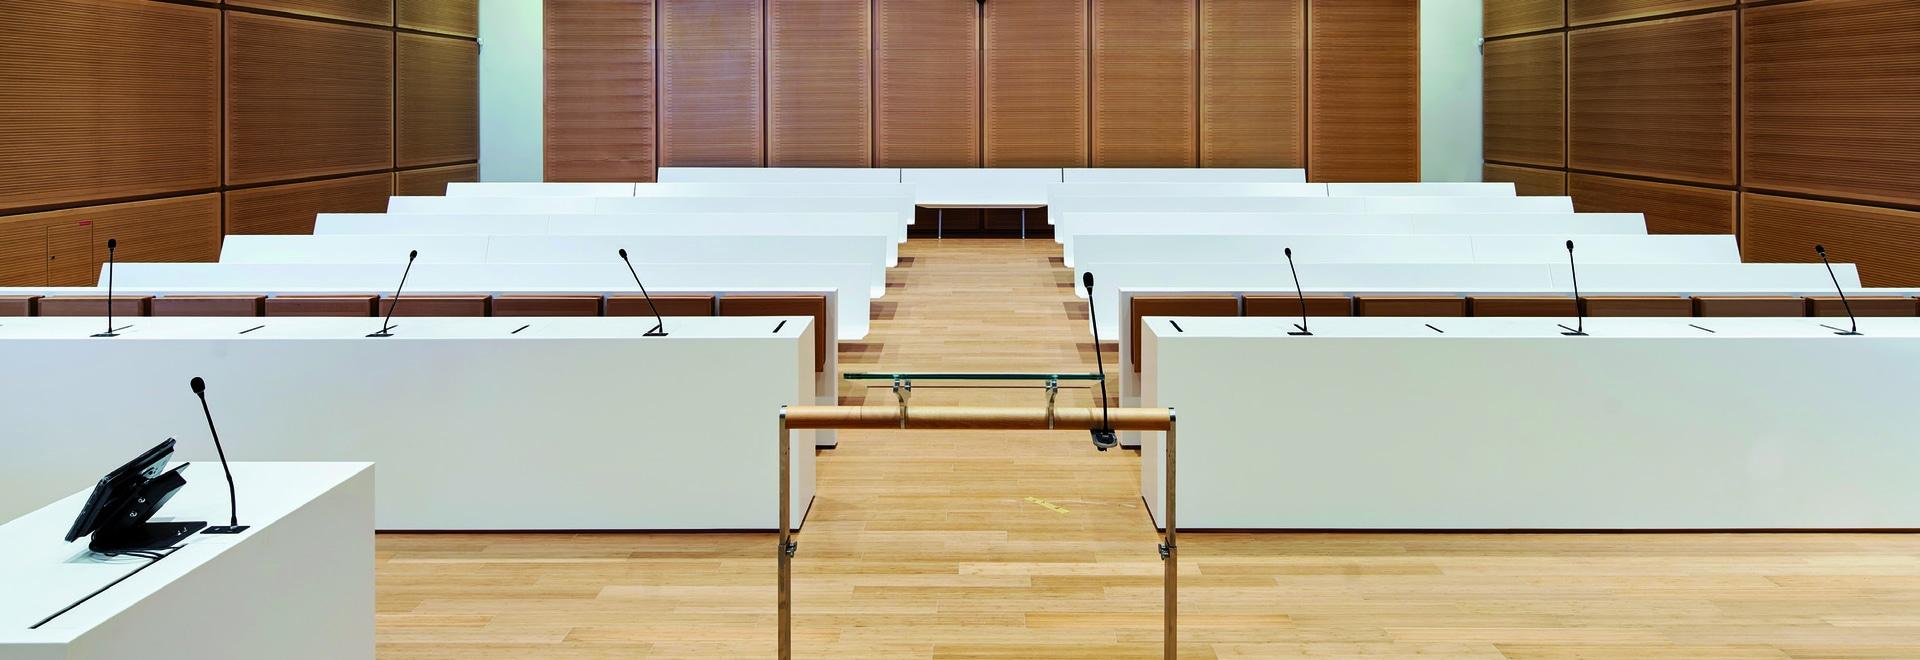 Aus KRION® gefertigtes Mobiliar im neuen Gebäude des Tribunal de Grande Instance in Paris KRION® gefertigtes Mobiliar im neuen Gebäude des Tribunal de Grande Instance in Paris - Solid Surface